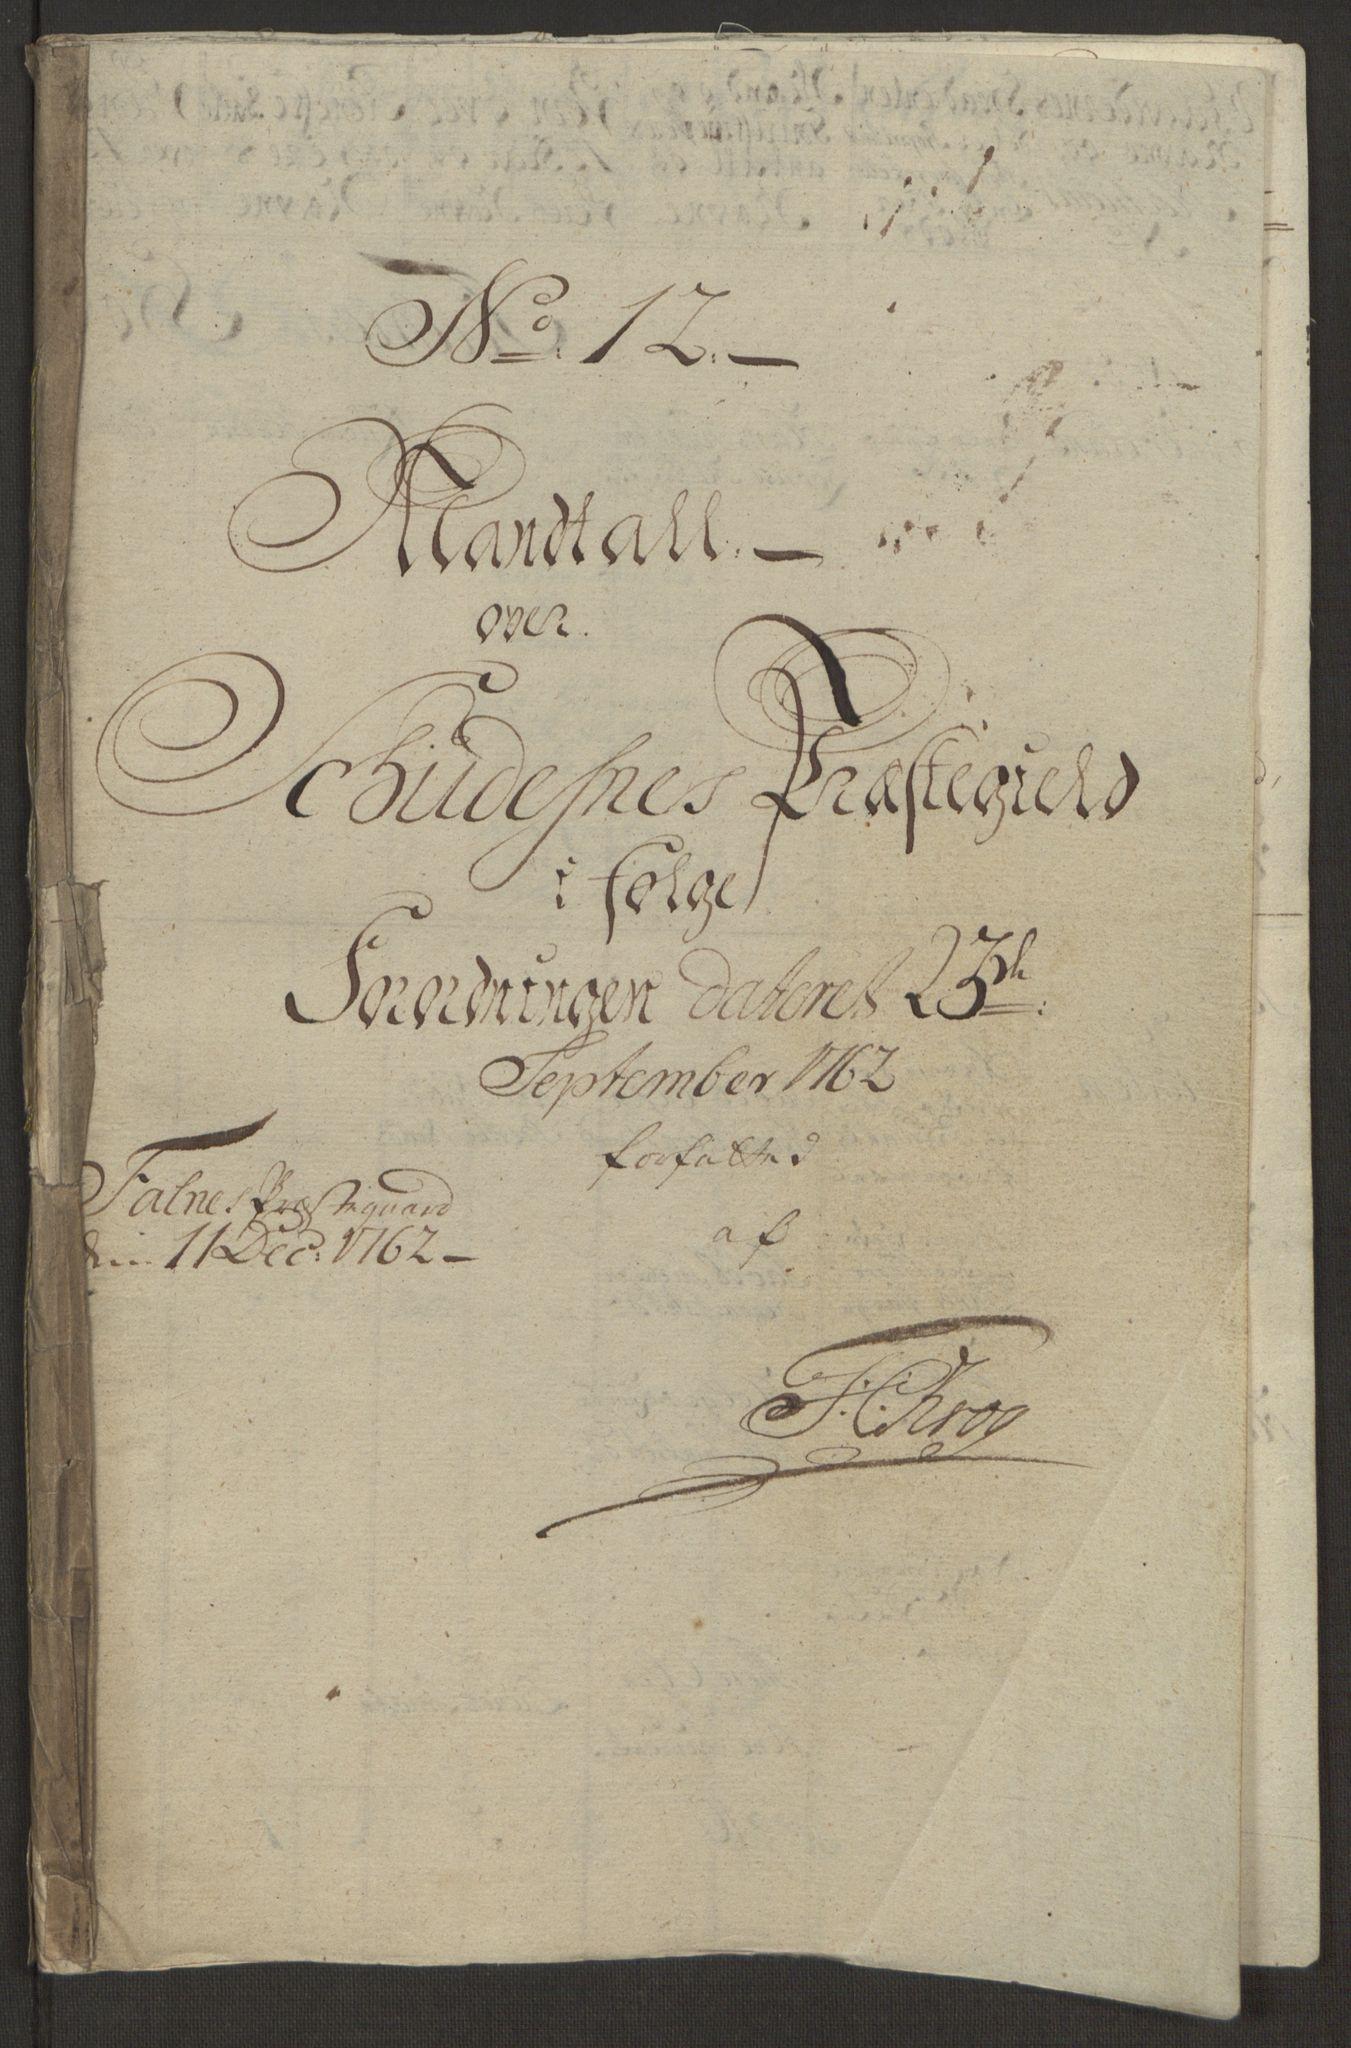 RA, Rentekammeret inntil 1814, Reviderte regnskaper, Hovedkasseregnskaper, Rf/L0072b: Ekstraskatteregnskap, 1762, s. 592